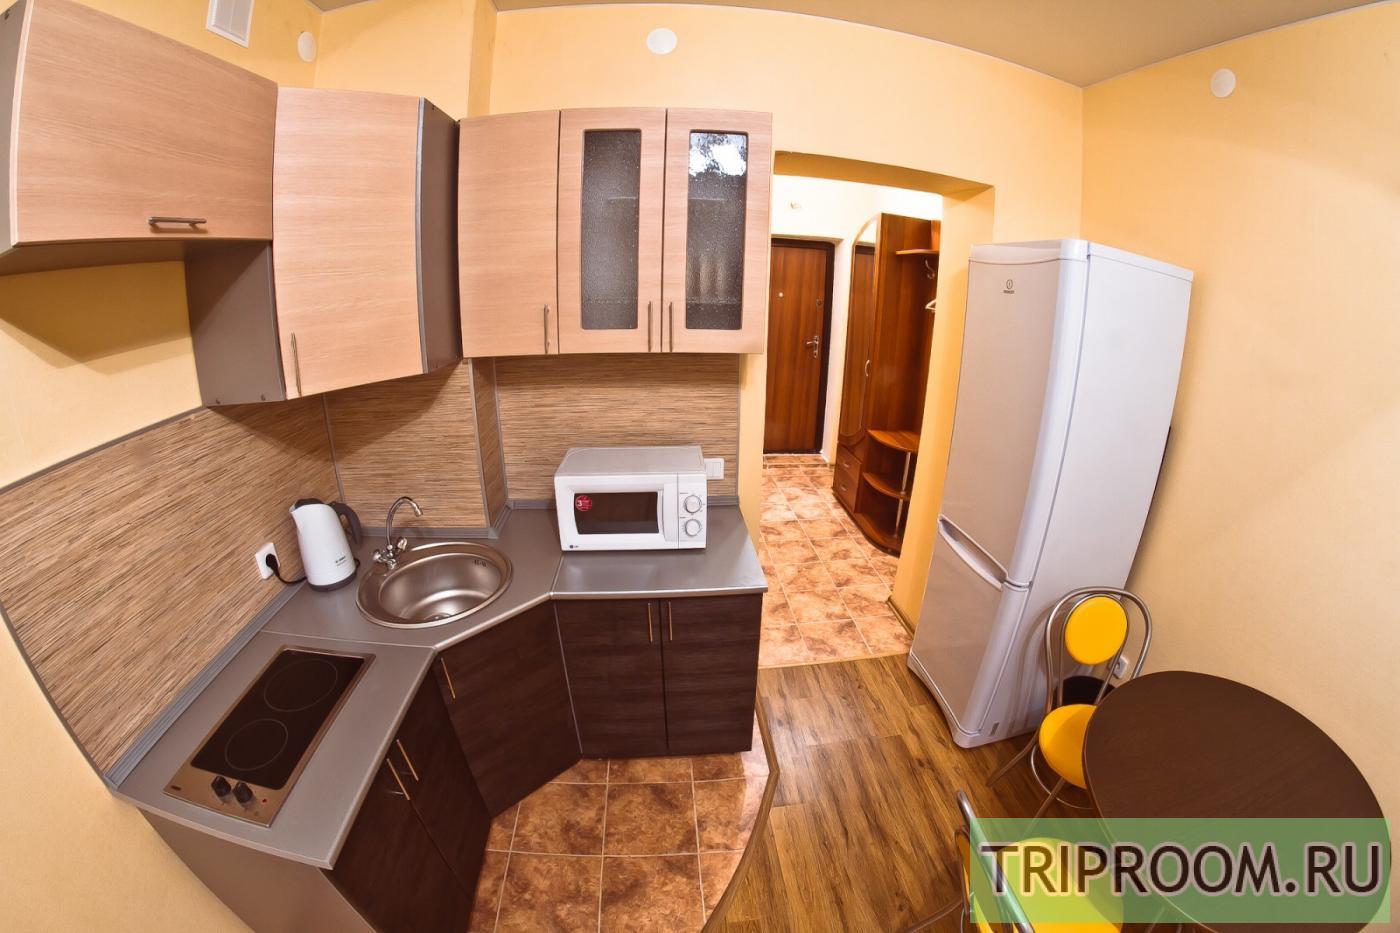 Сниму комнату в тюмени с фото